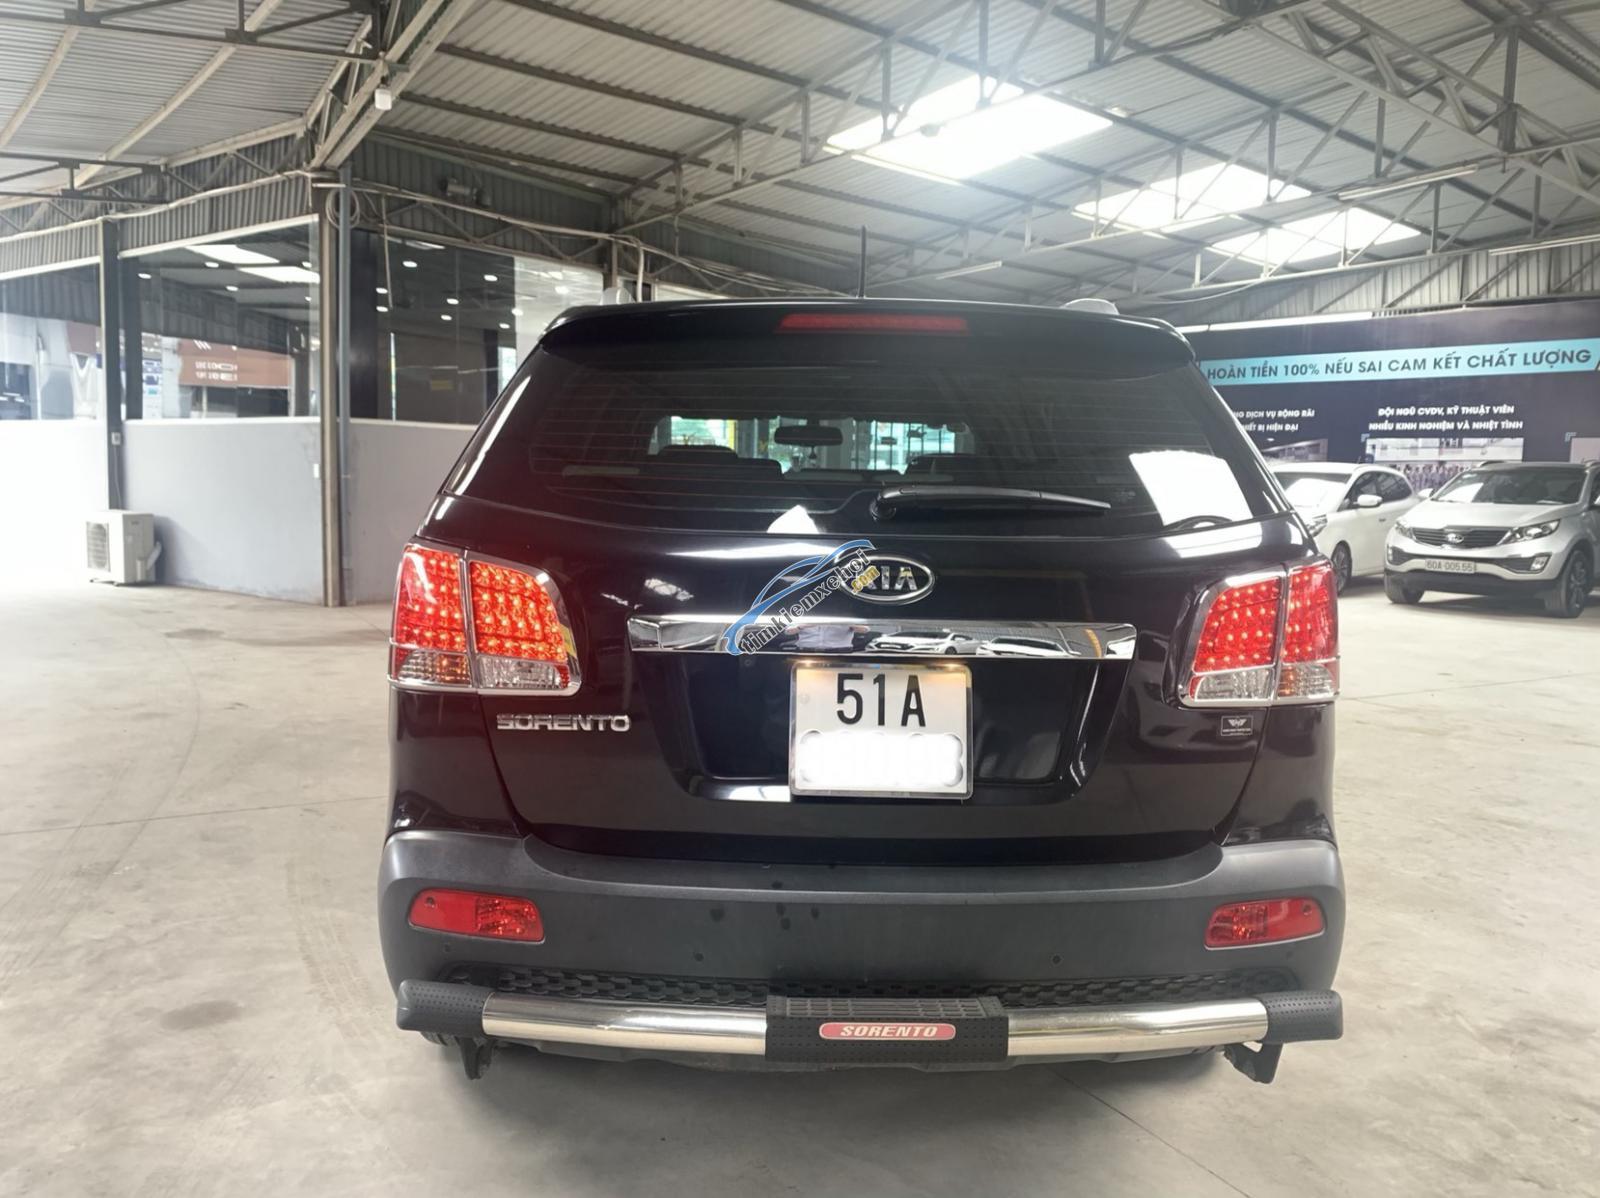 Hãng bán Sorento full xăng 2012, màu đen, đúng chất, biển TP, giá TL, hỗ trợ góp